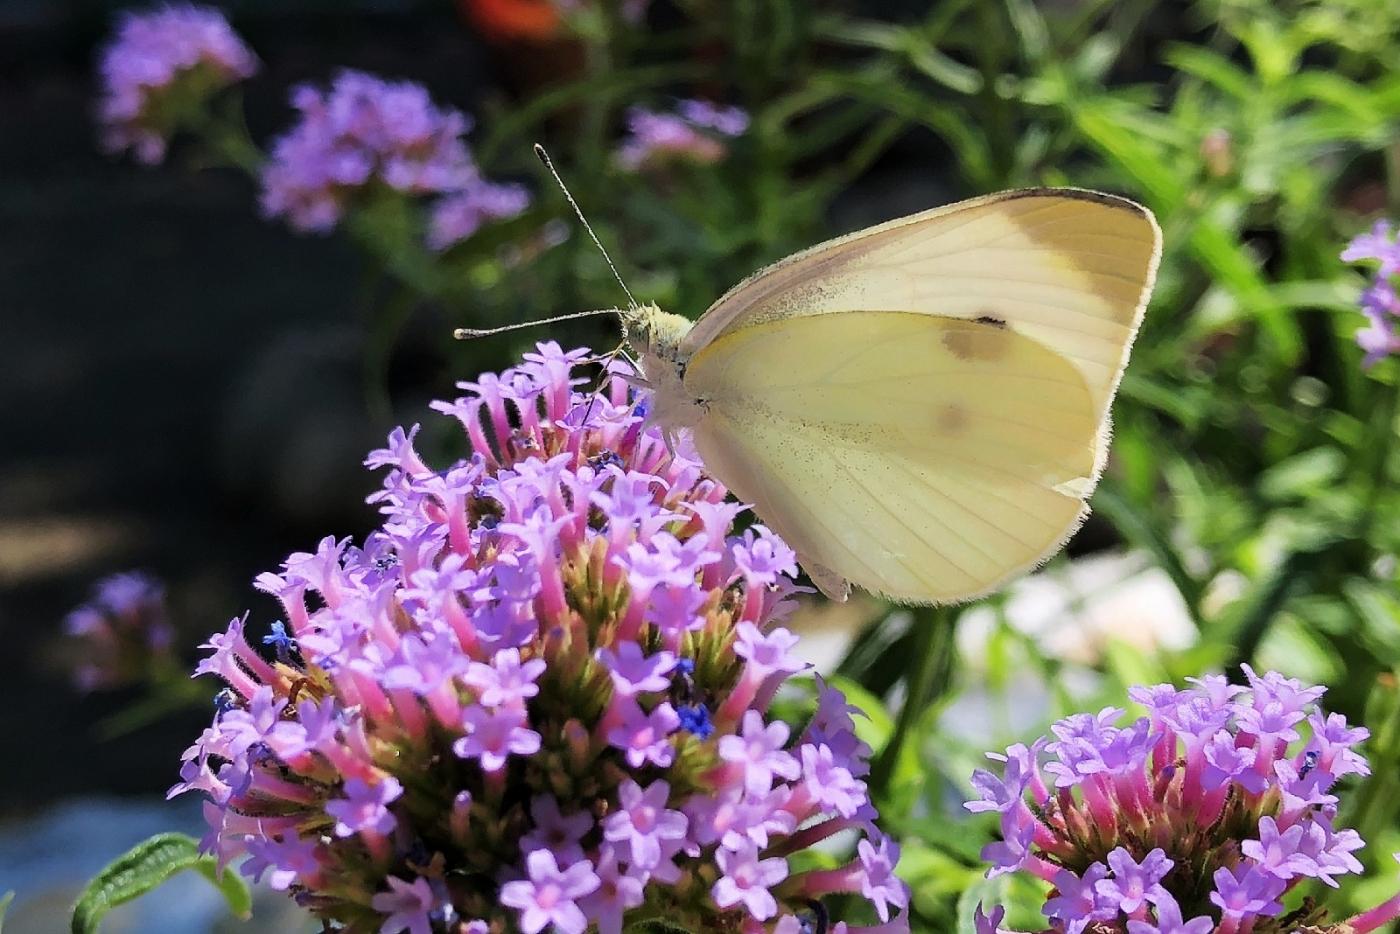 【田螺随拍】我种了马鞭草蝴蝶就来了_图1-16